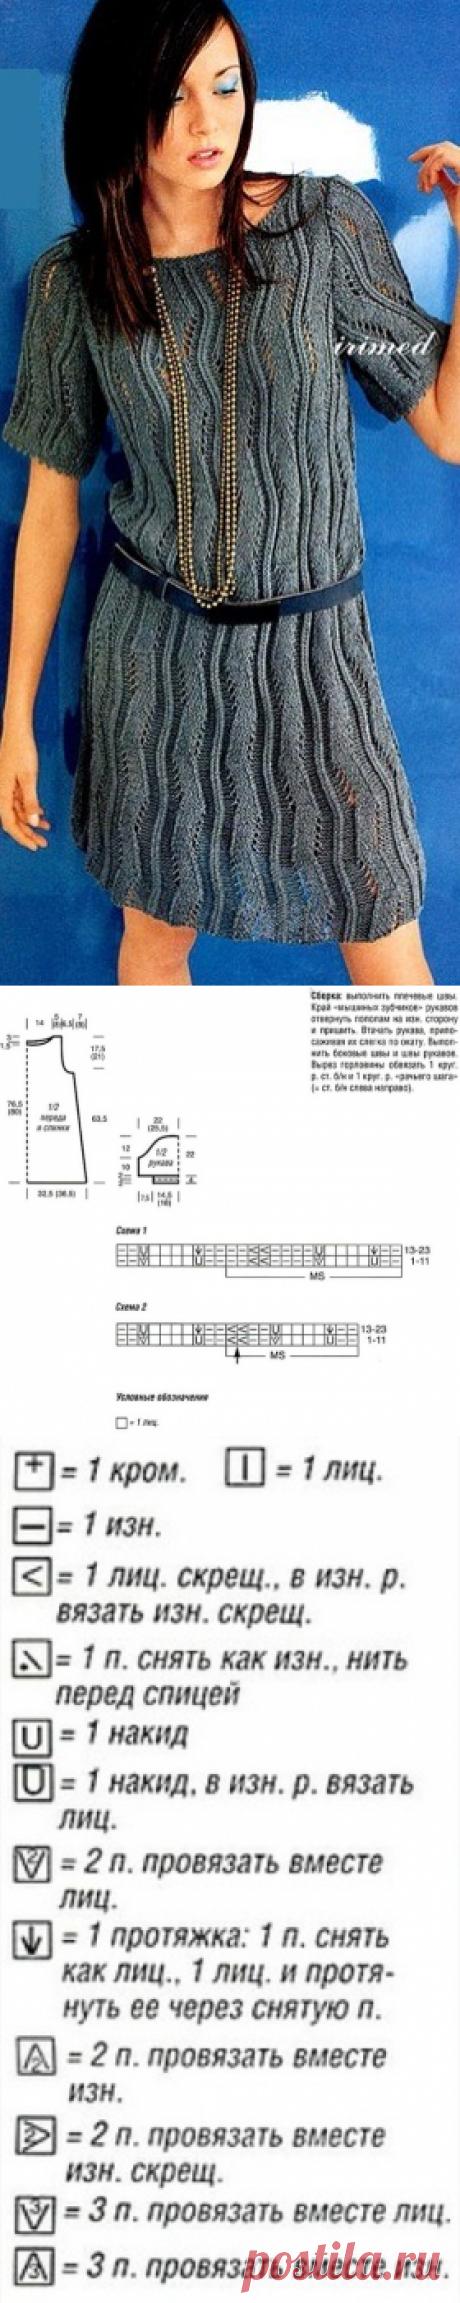 Узорчатое платье «Волна», вязанное спицами | Блог elisheva.ru